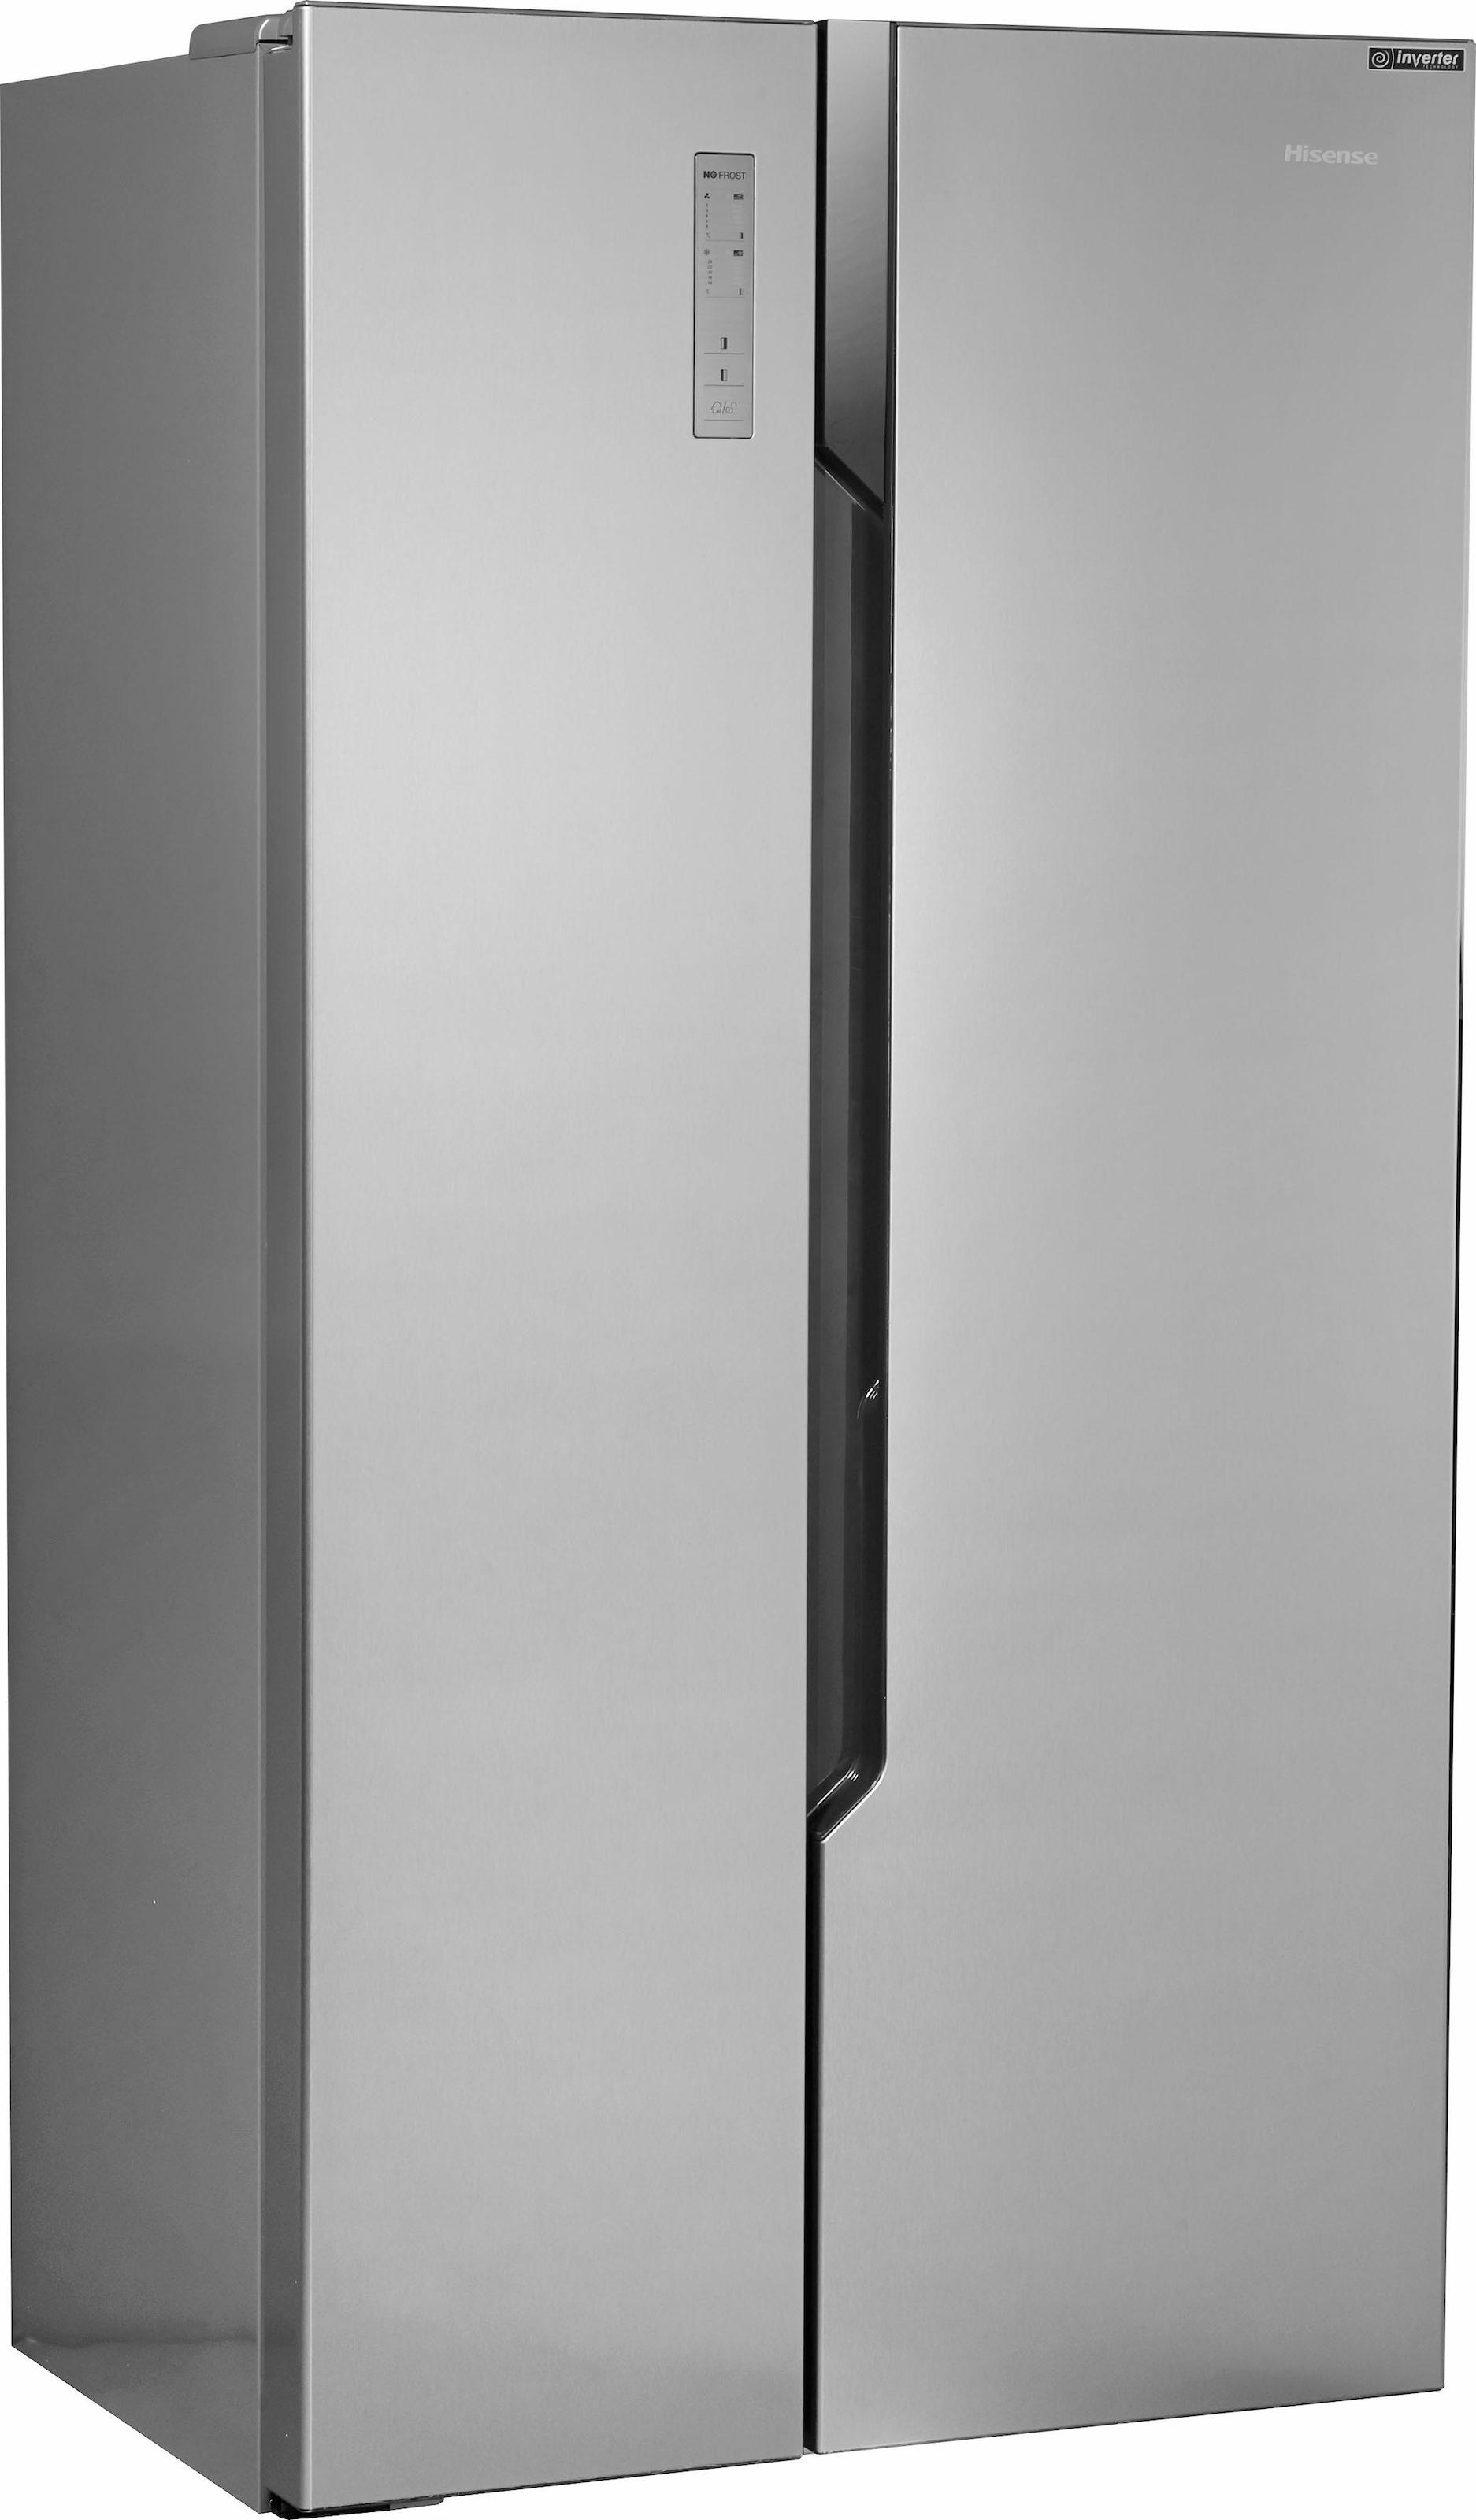 Amerikanischer Kühlschrank Lautstärke : Side by side kühlschrank auf rechnung raten kaufen